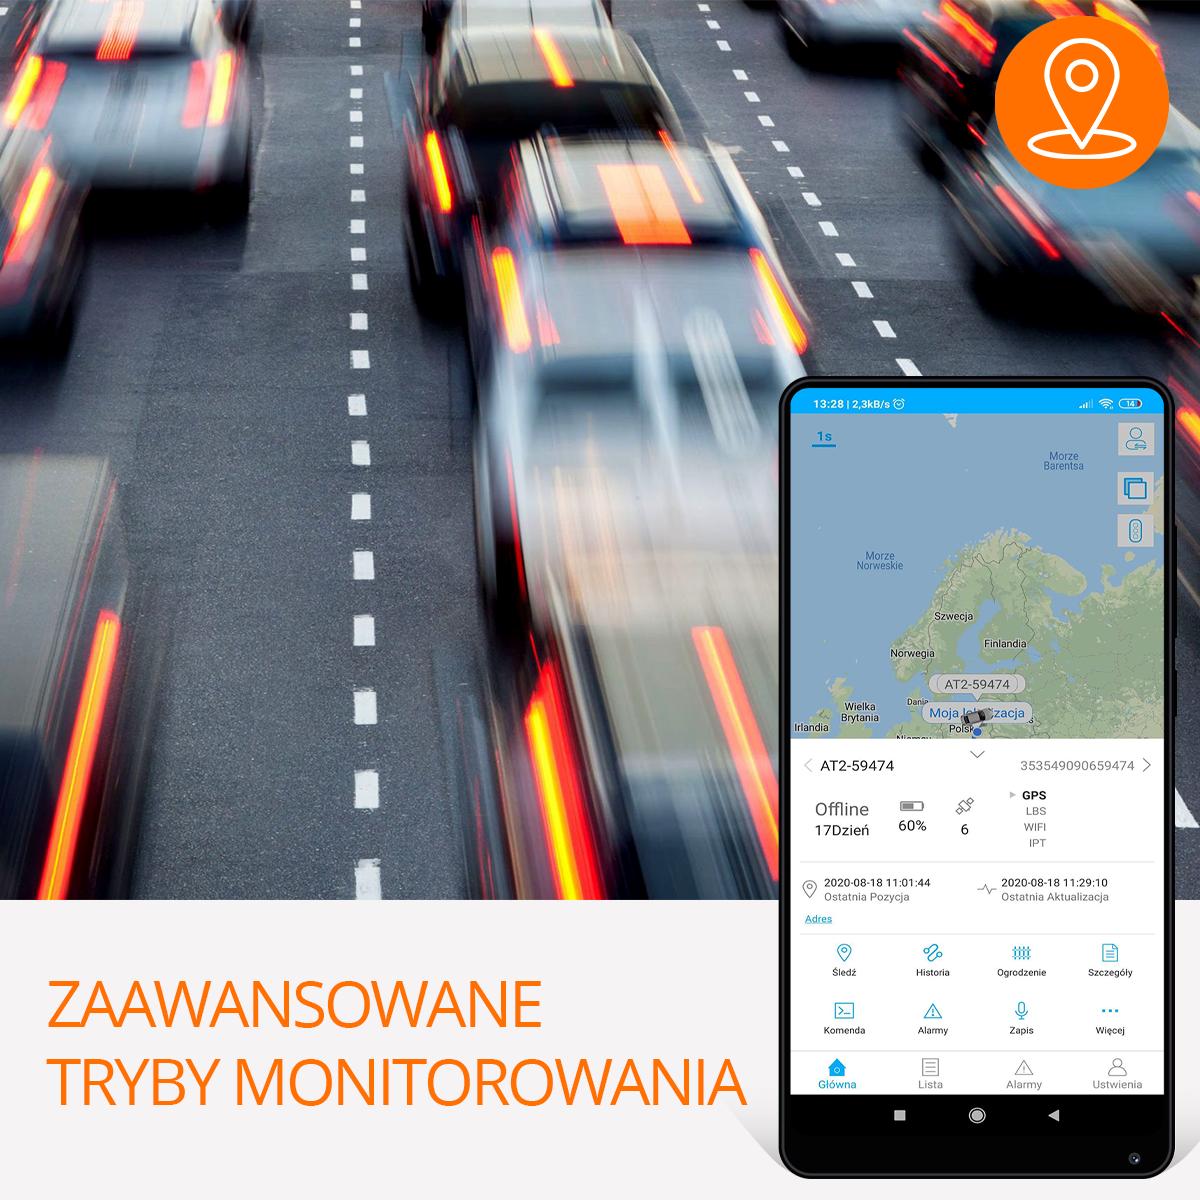 Lokalizator samochodowy tryby monitorowania orllo.pl